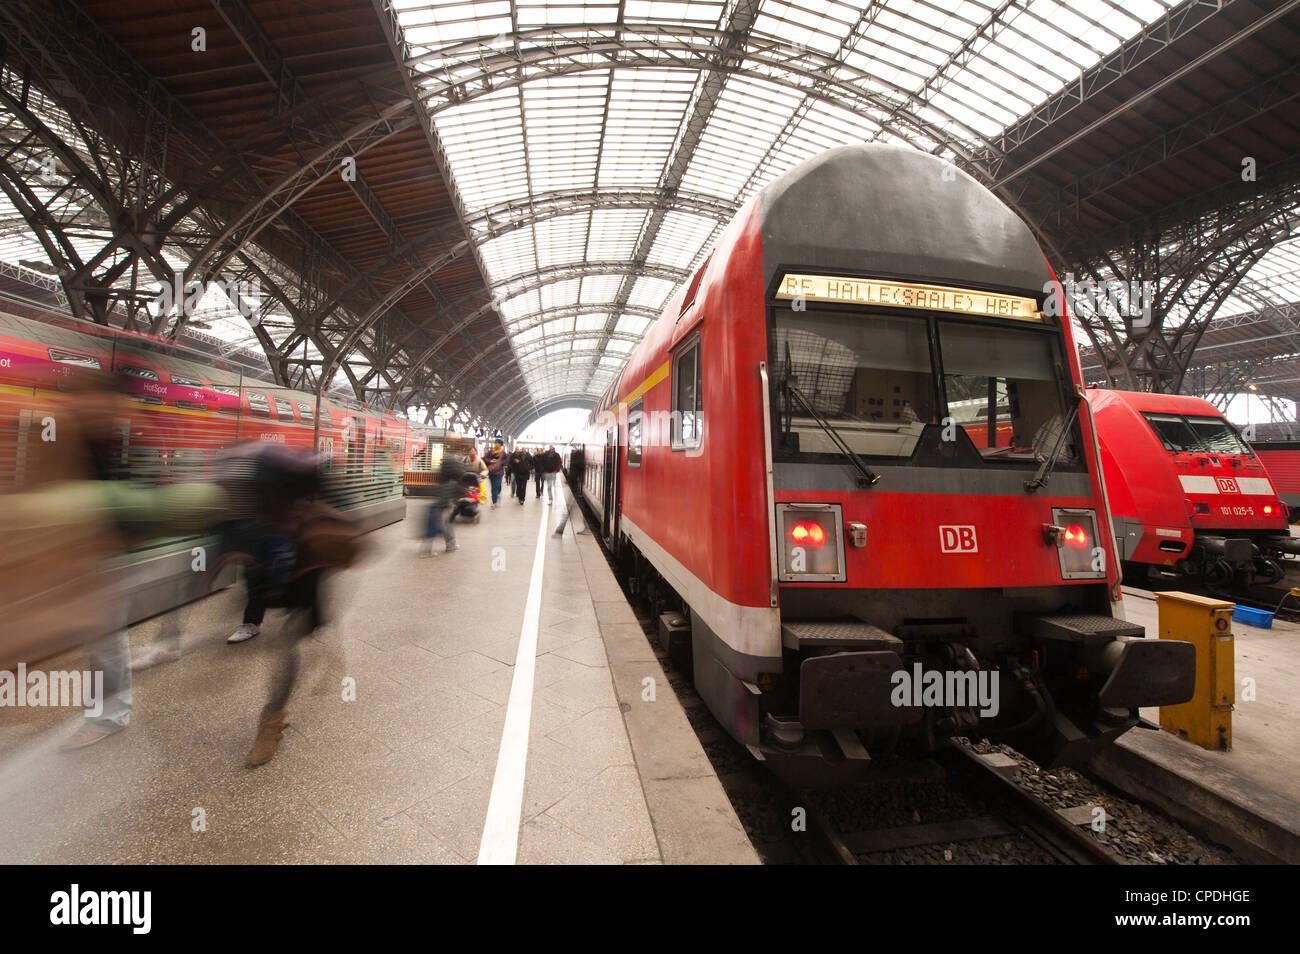 Railway Station, Leipzig, Saxony, Germany, Europe - Stock Image